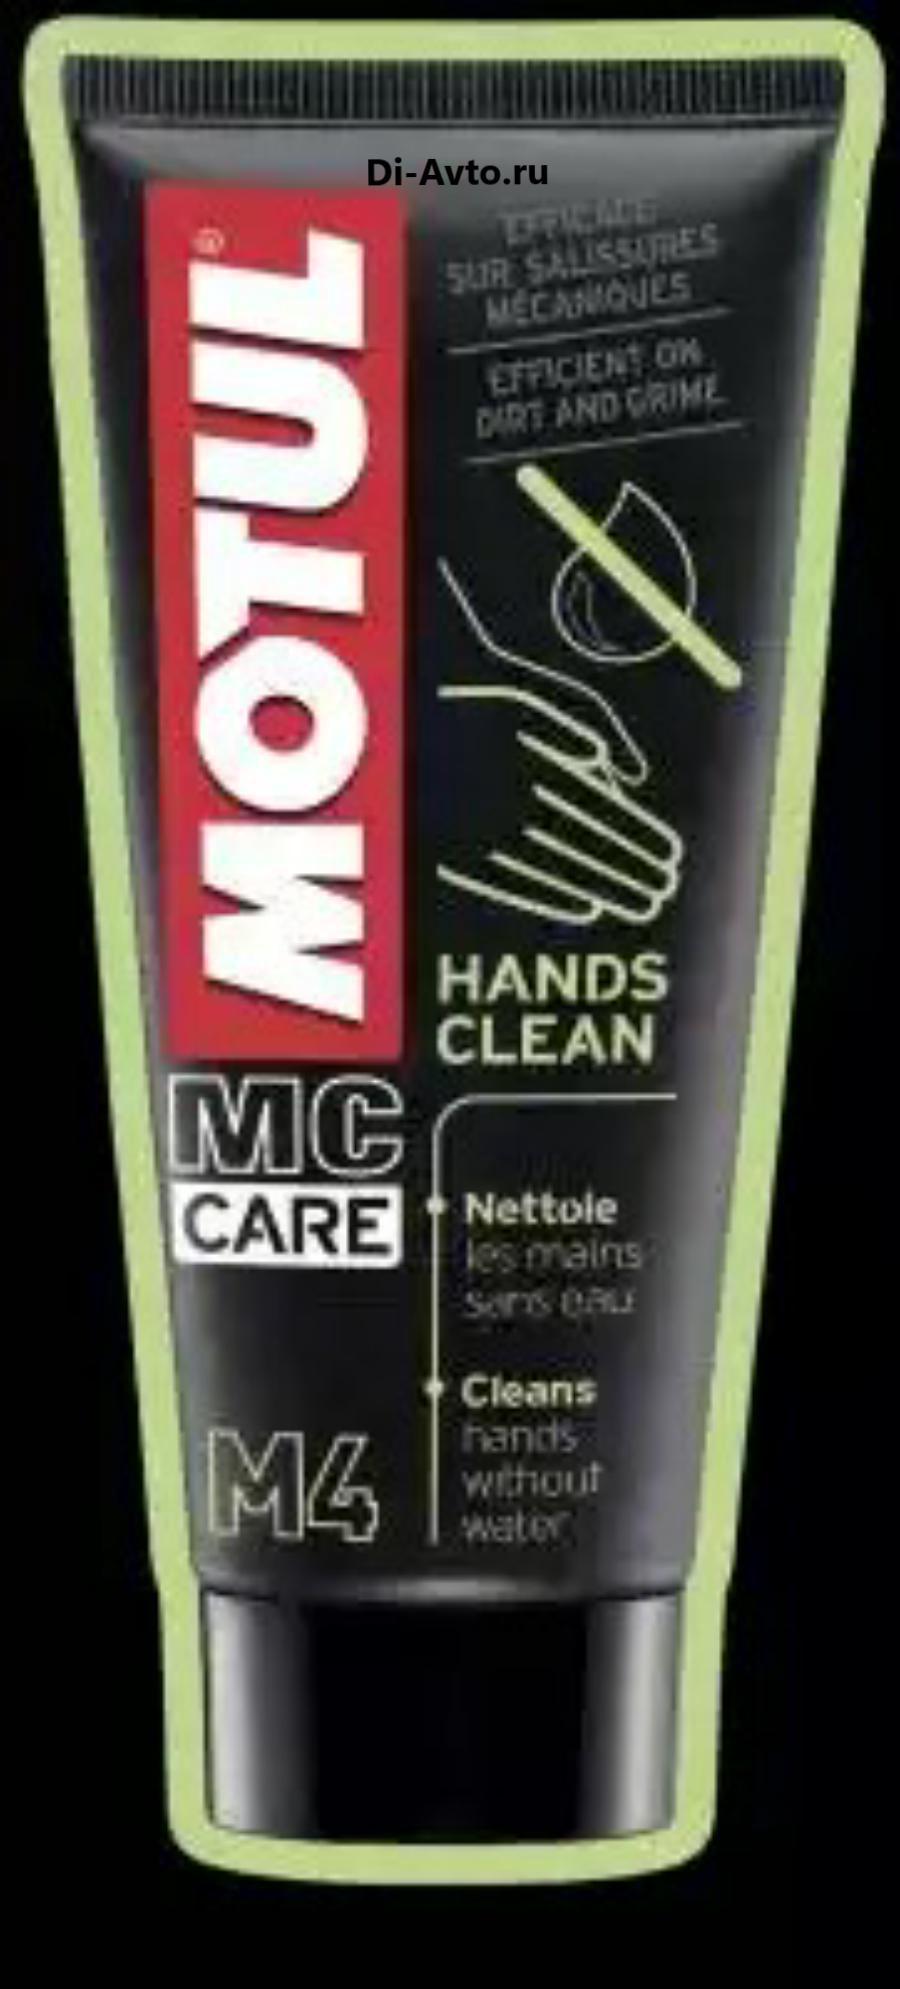 Средства для чистки рук